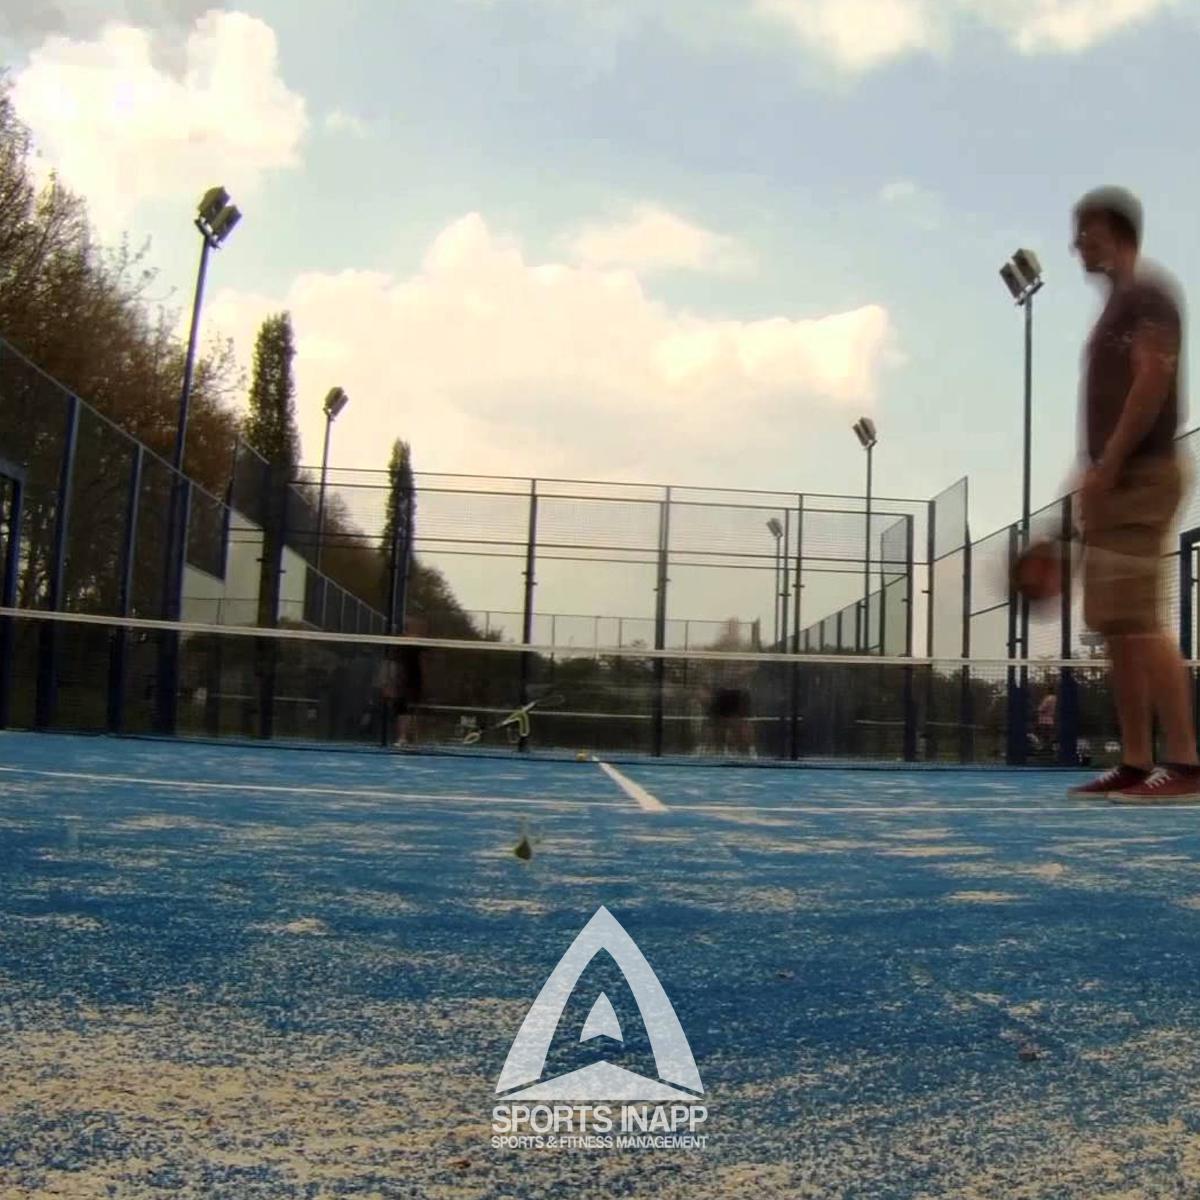 Sports In APP - Padel